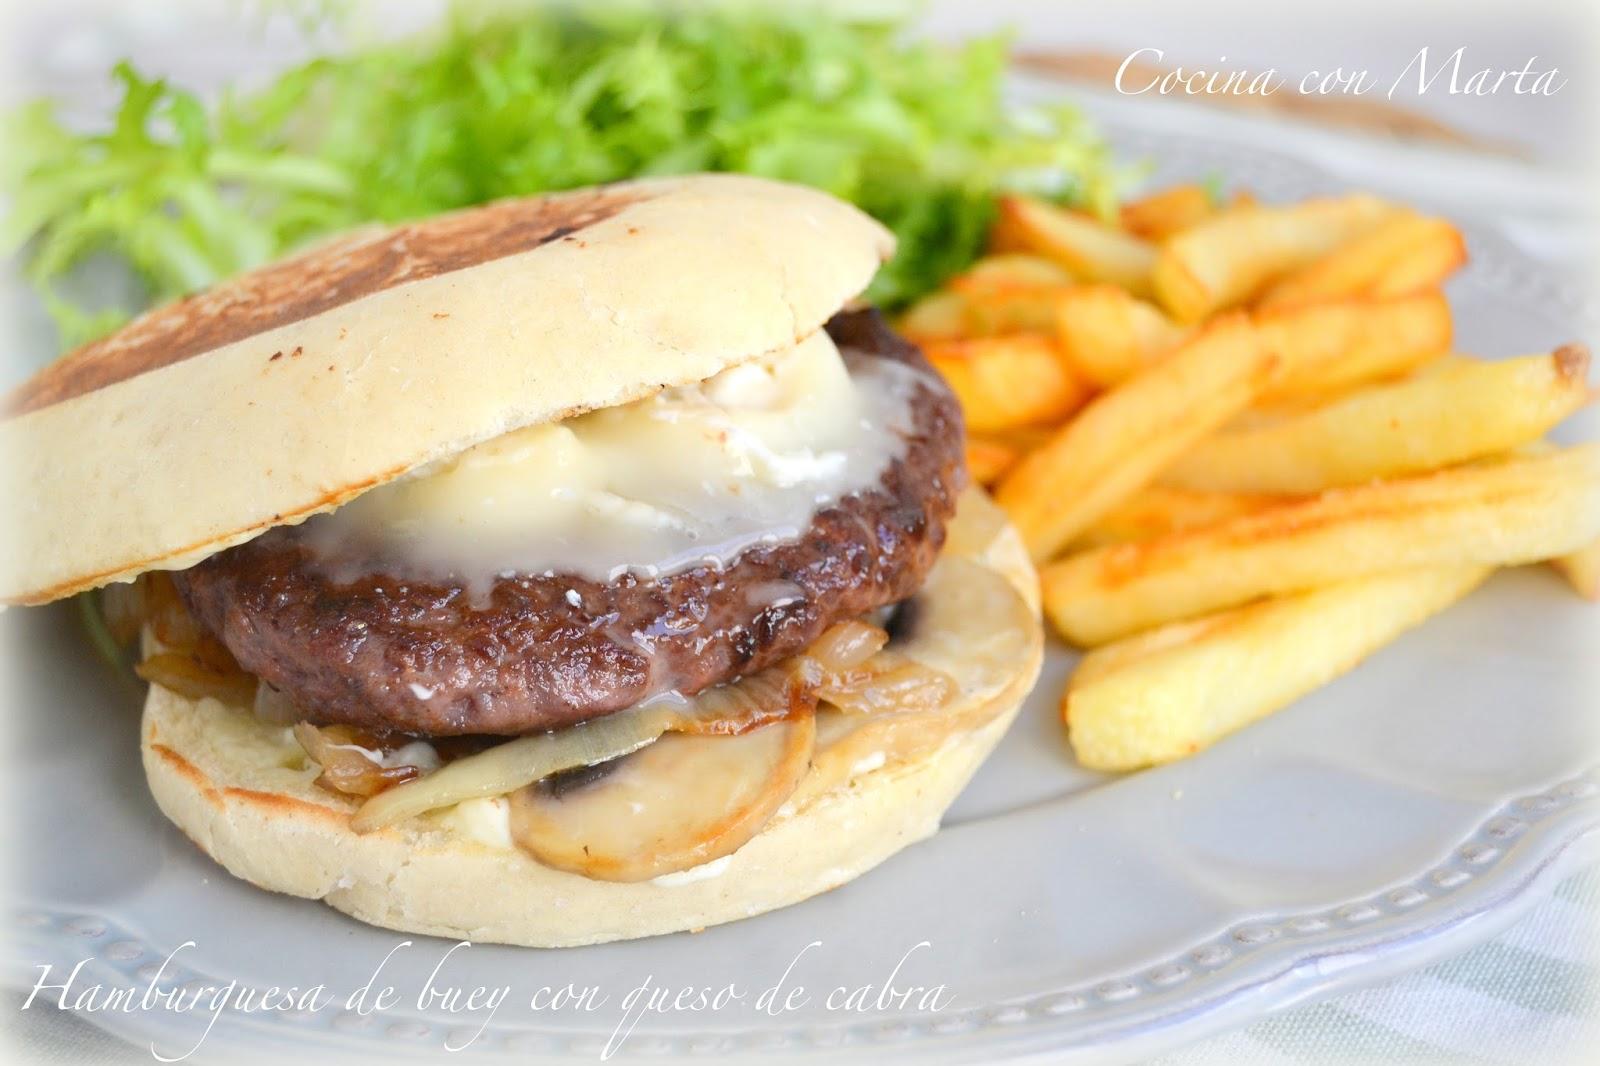 hamburguesa de buey con queso de cabra